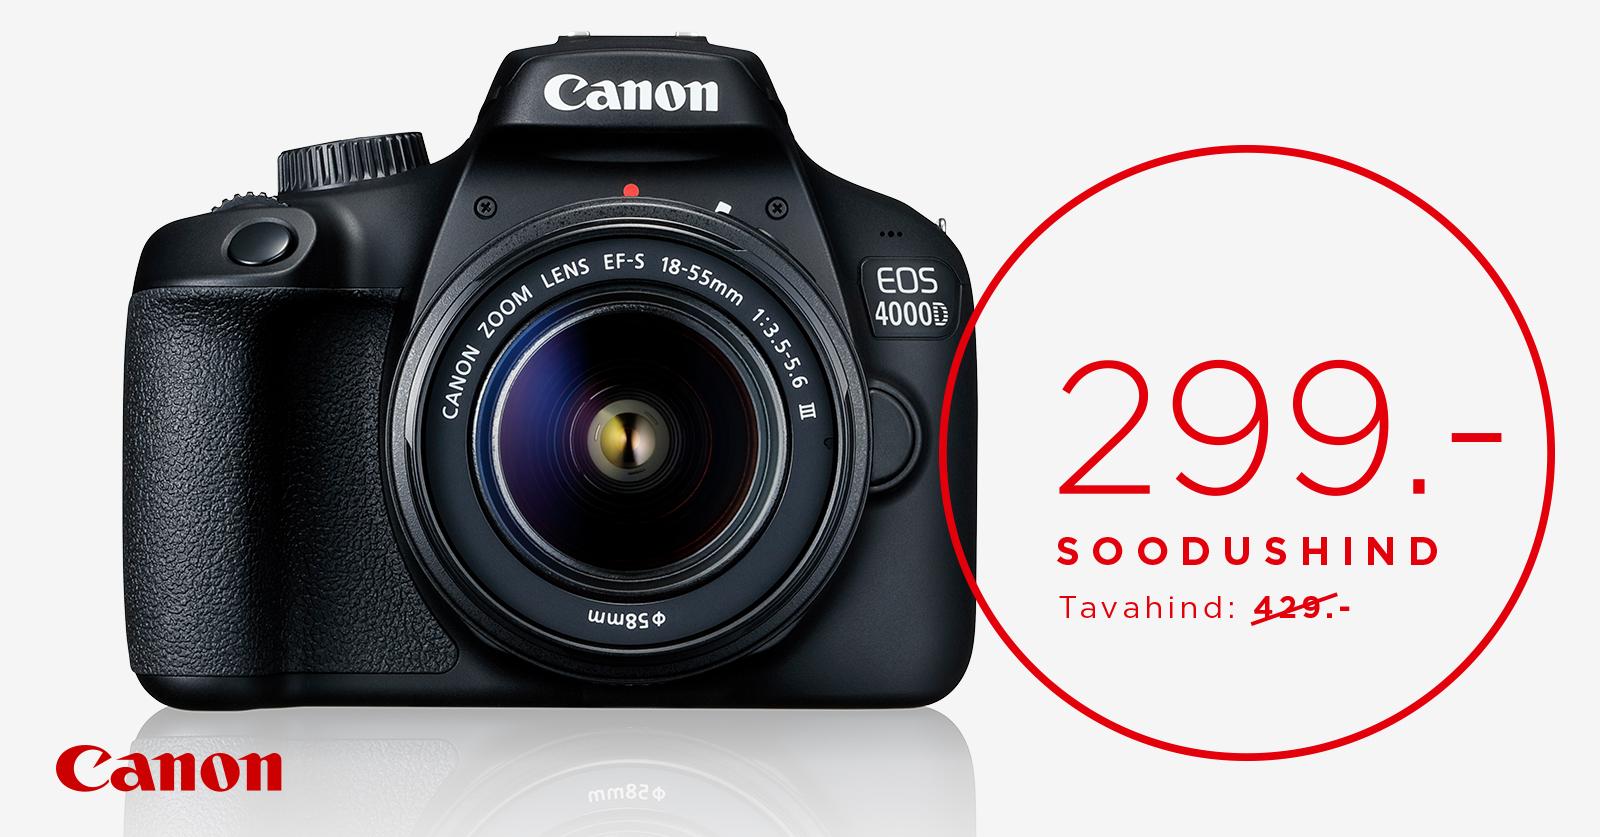 Canon EOS 4000D + 18-55mm III Kit on müügil uskumatu hinnaga 299€